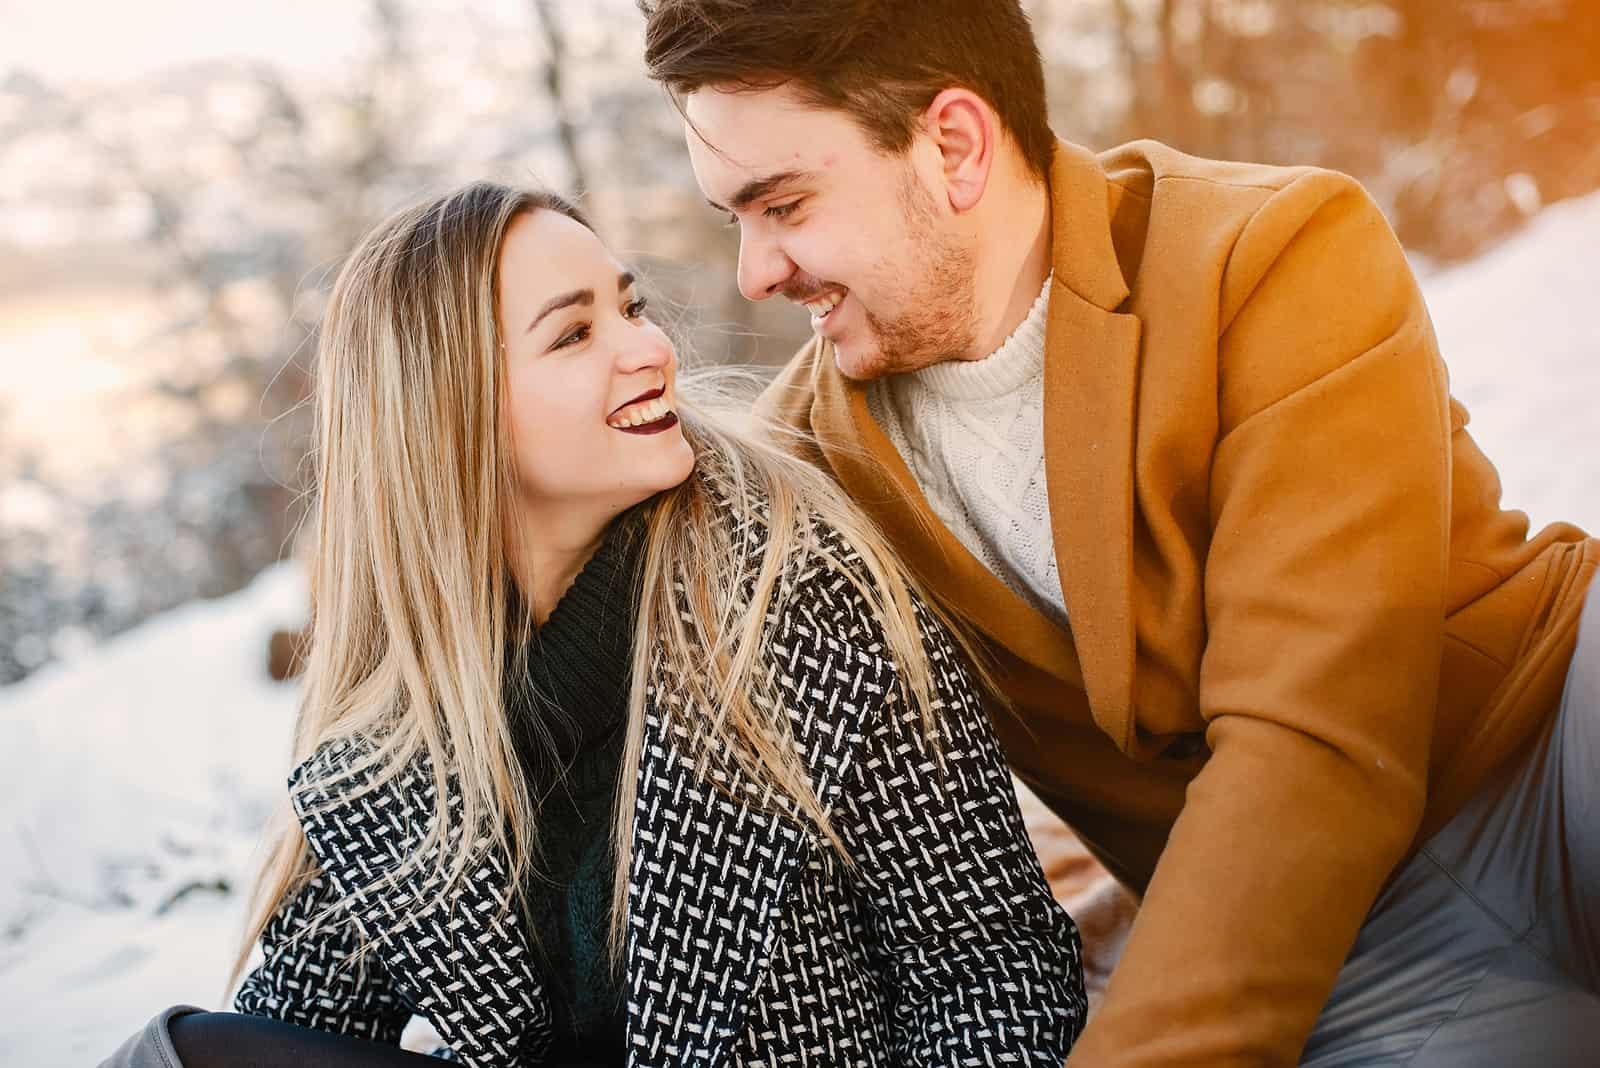 un portrait d'un couple heureux amoureux